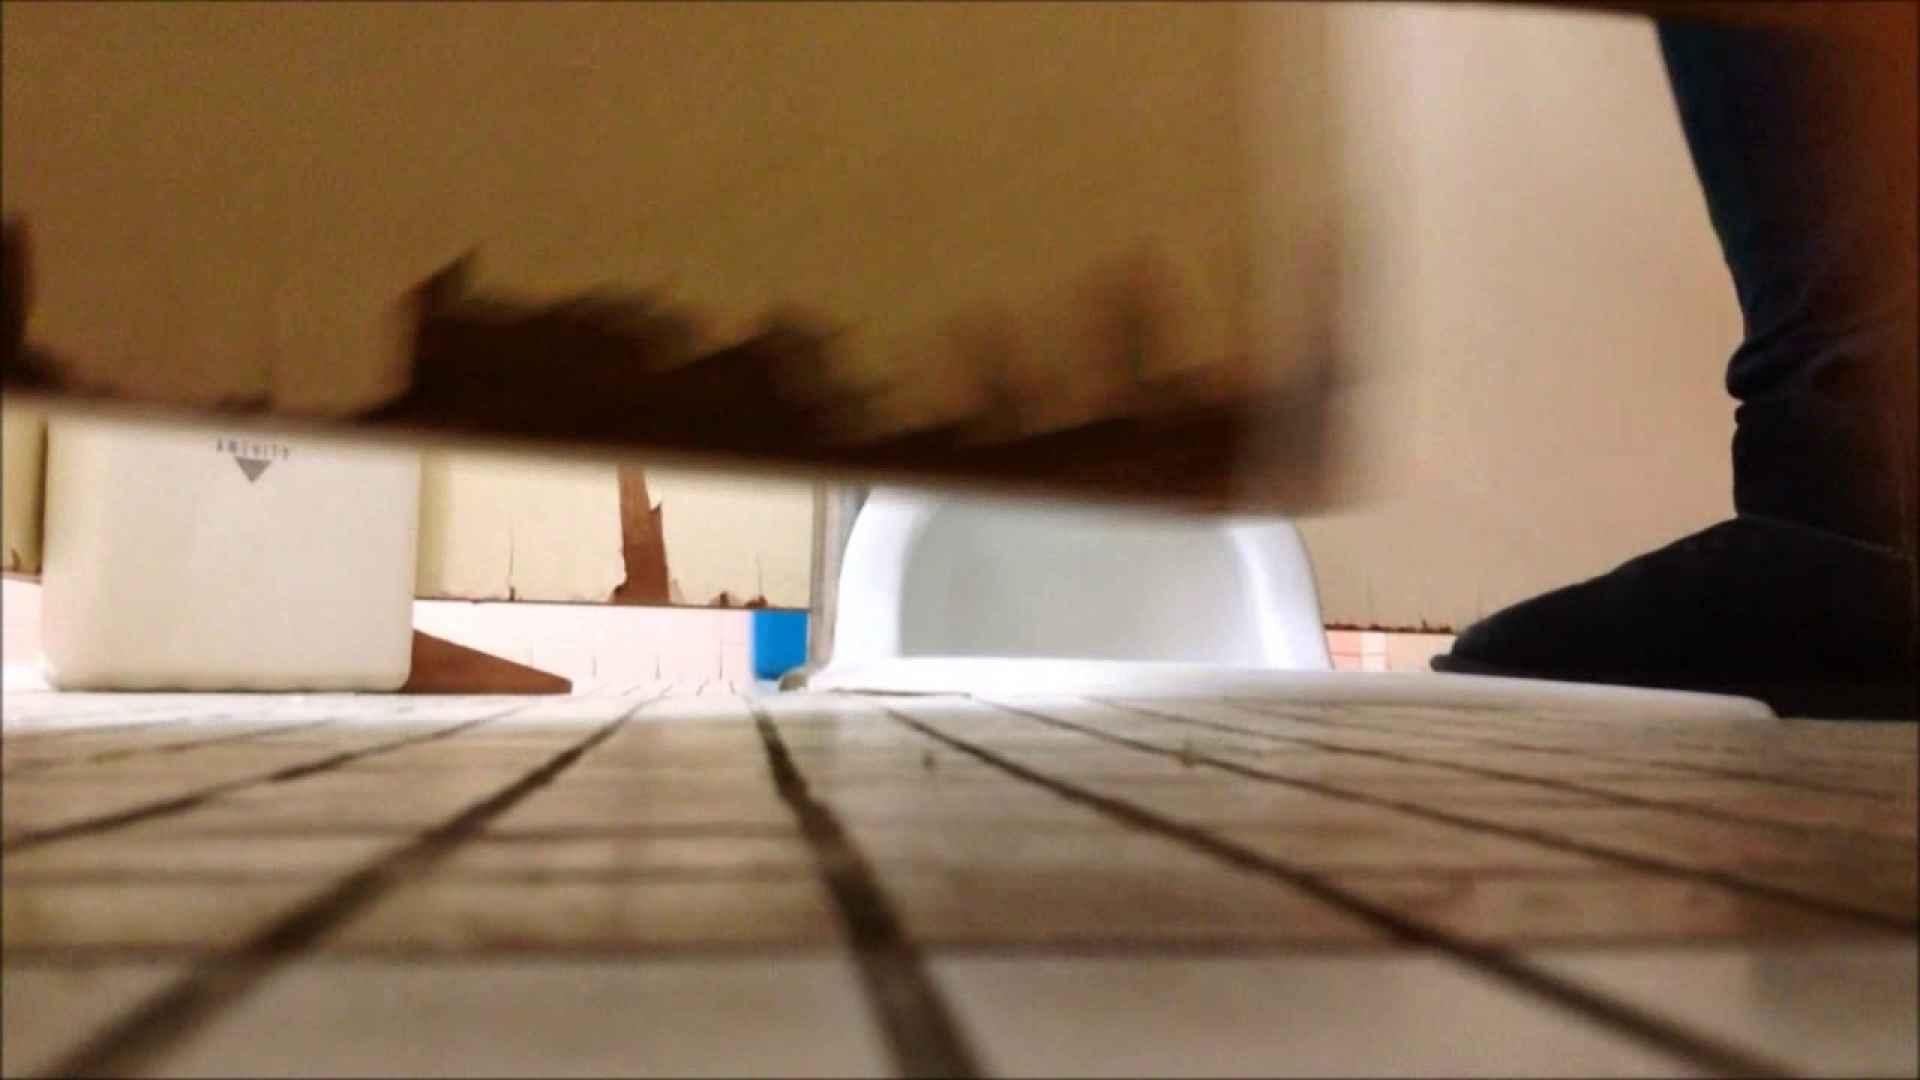 某有名大学女性洗面所 vol.10 和式便所 オメコ無修正動画無料 101枚 44